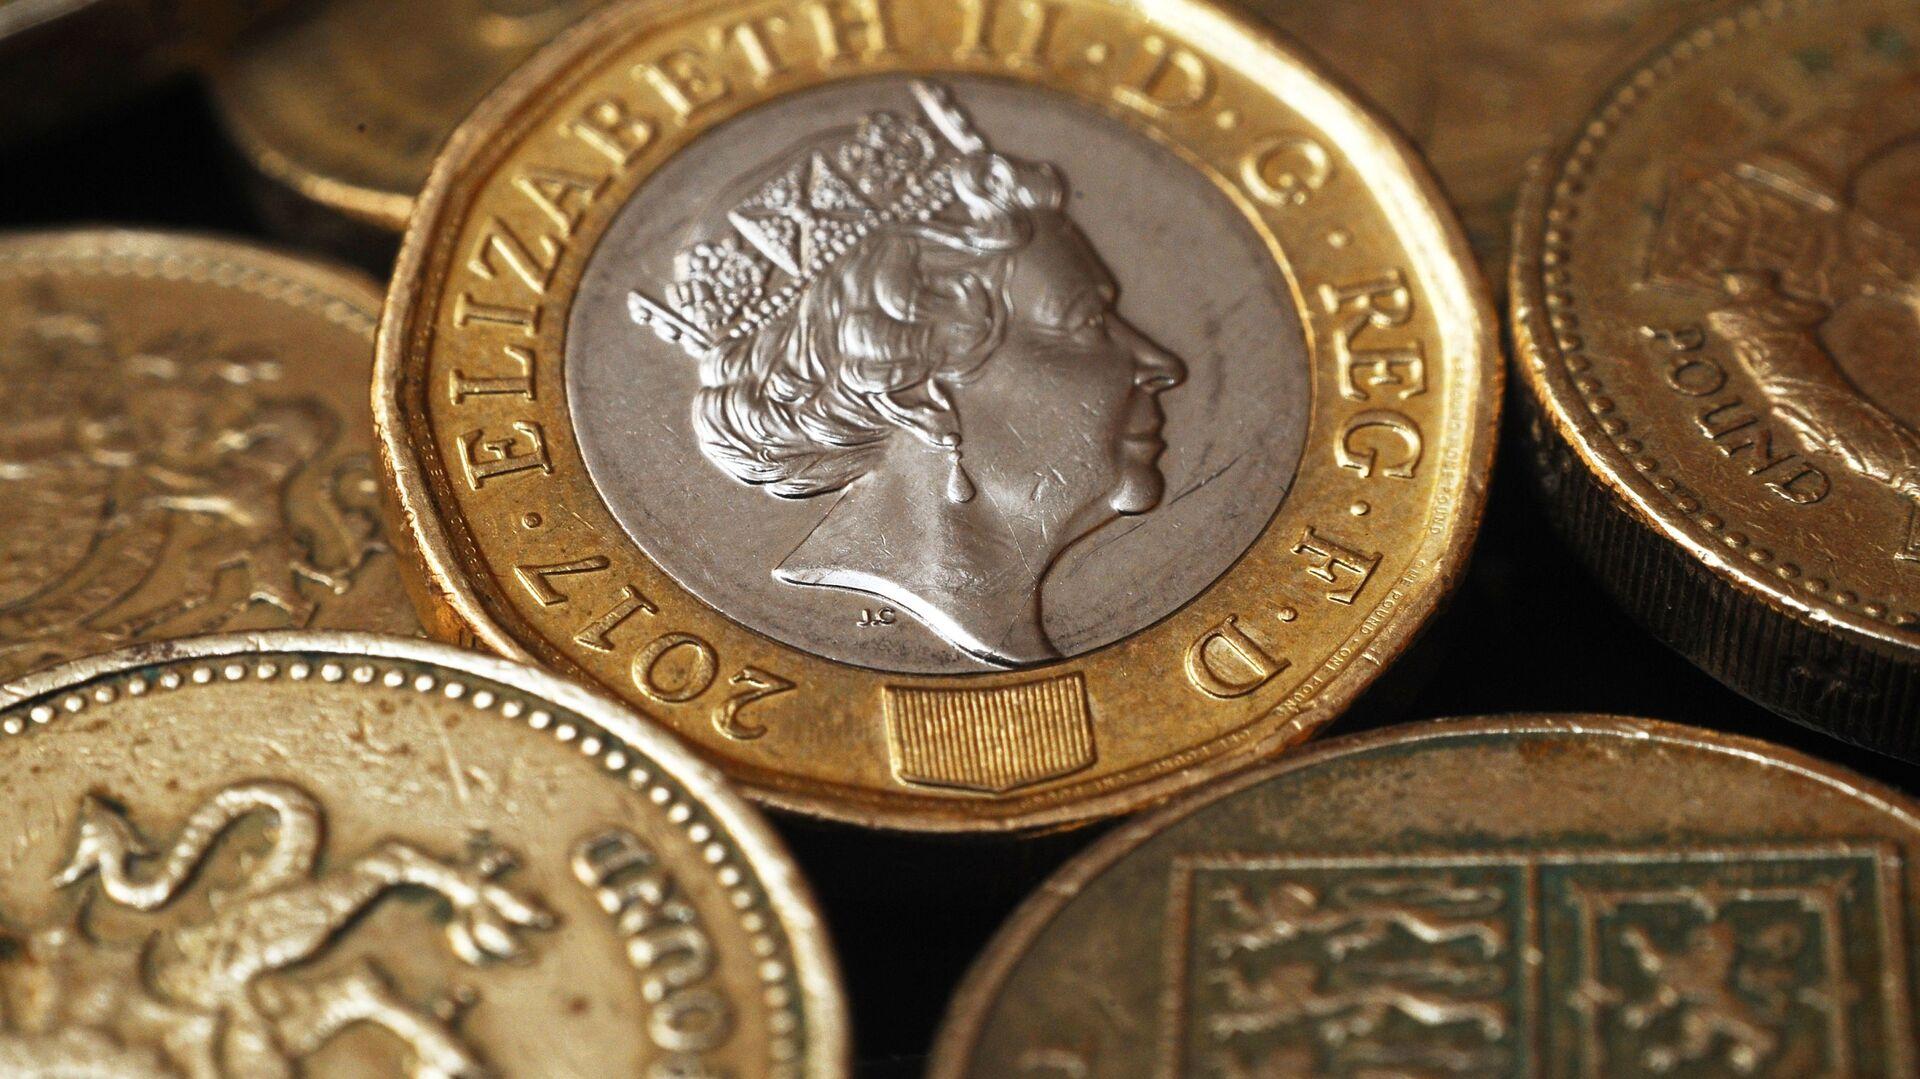 Монеты Великобритании номиналом один фунт стерлингов - РИА Новости, 1920, 20.02.2021